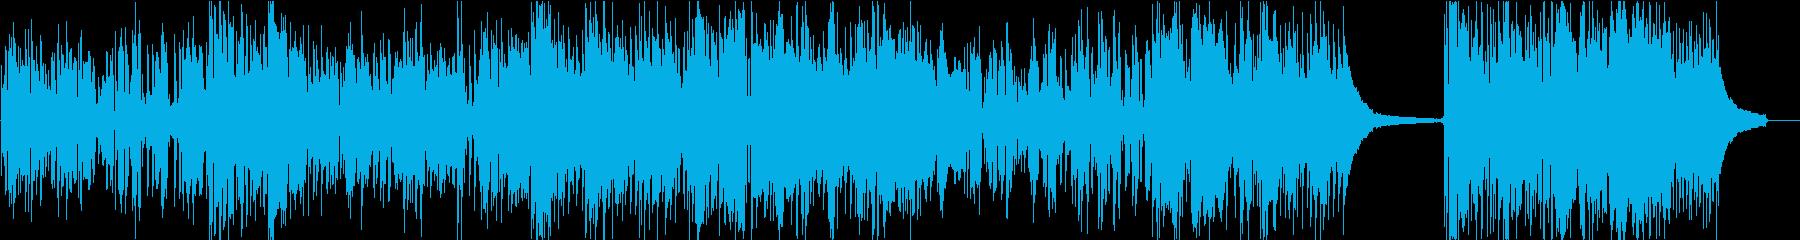 アコギ弾き語り 激しめの曲ハーモニカありの再生済みの波形